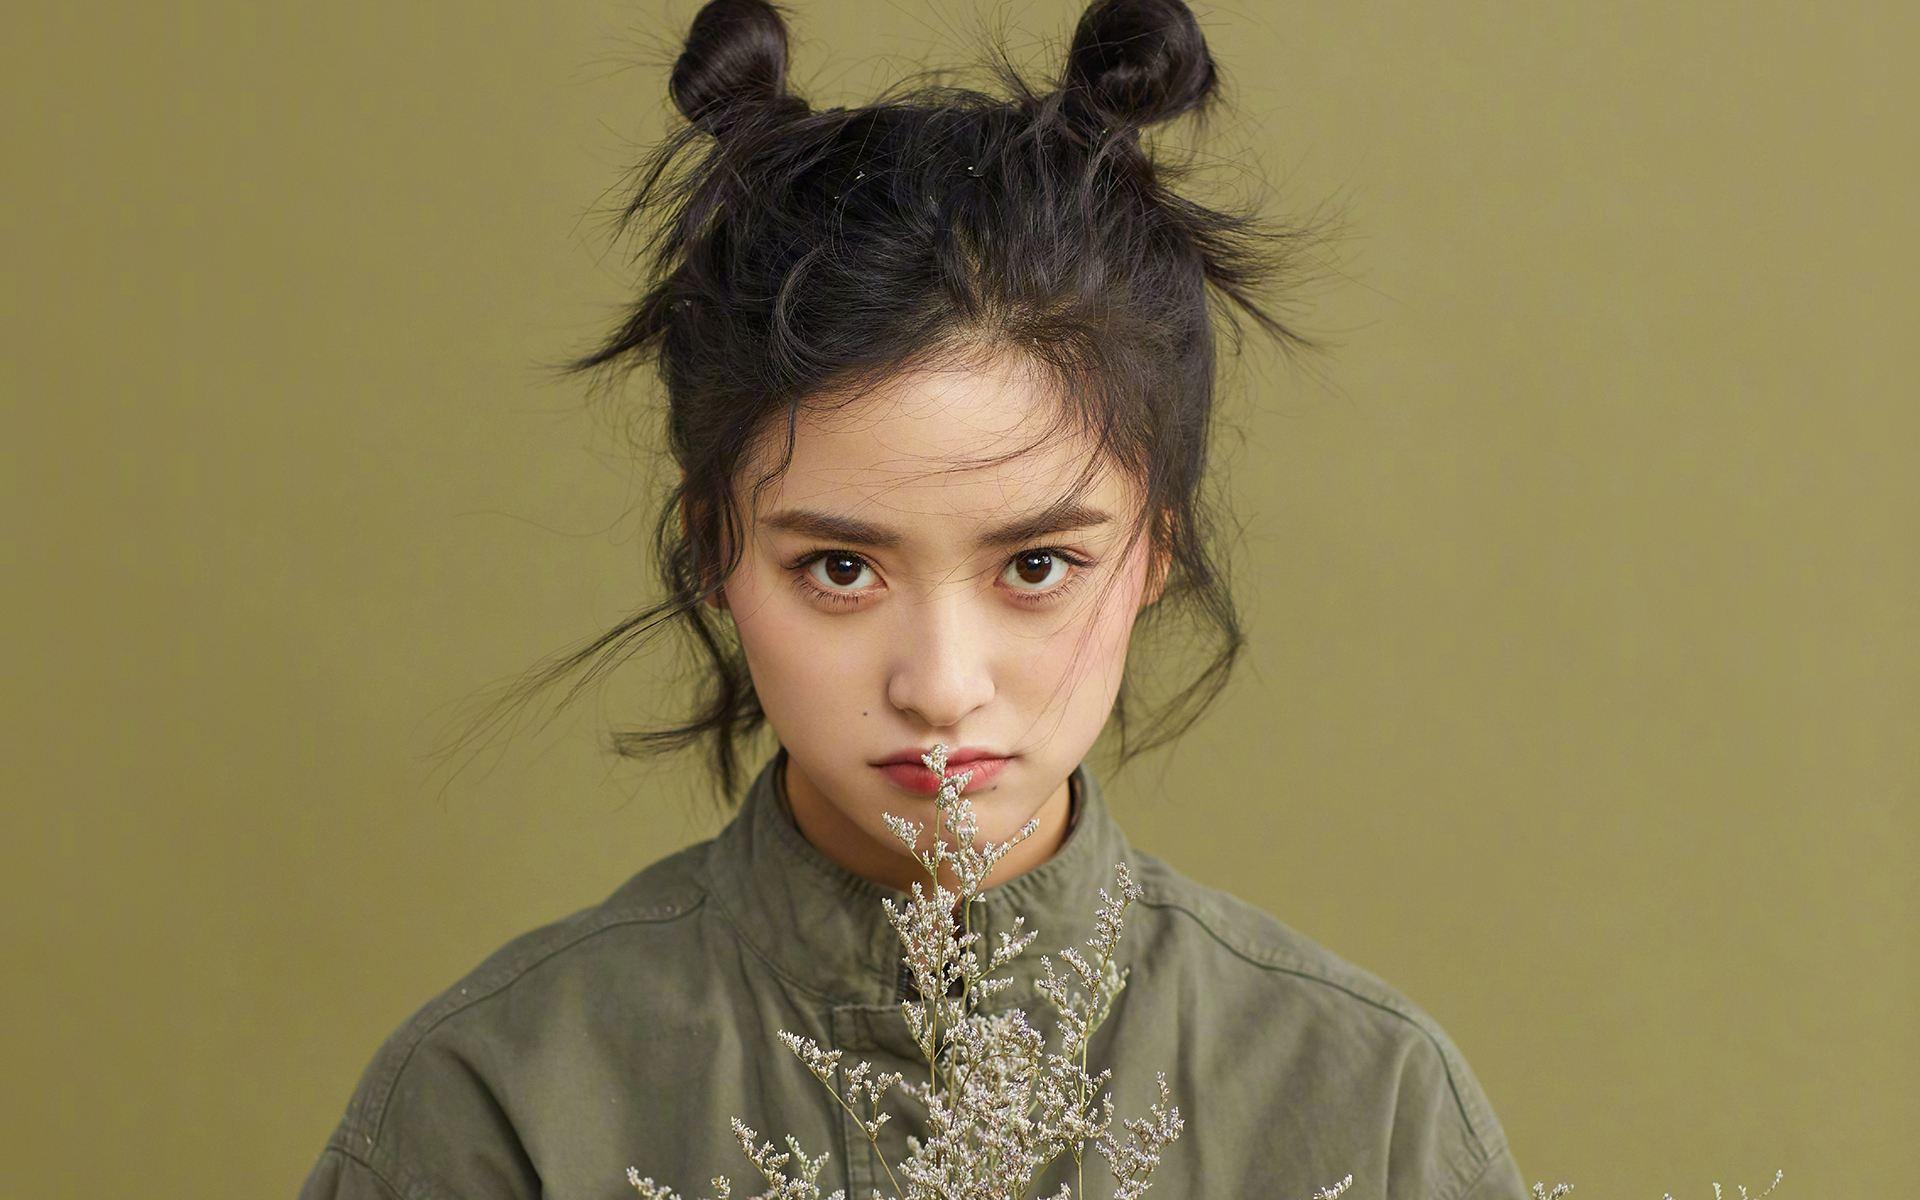 沈月,杨蓉在娱乐圈个子都不高,你会因为身高自卑吗?